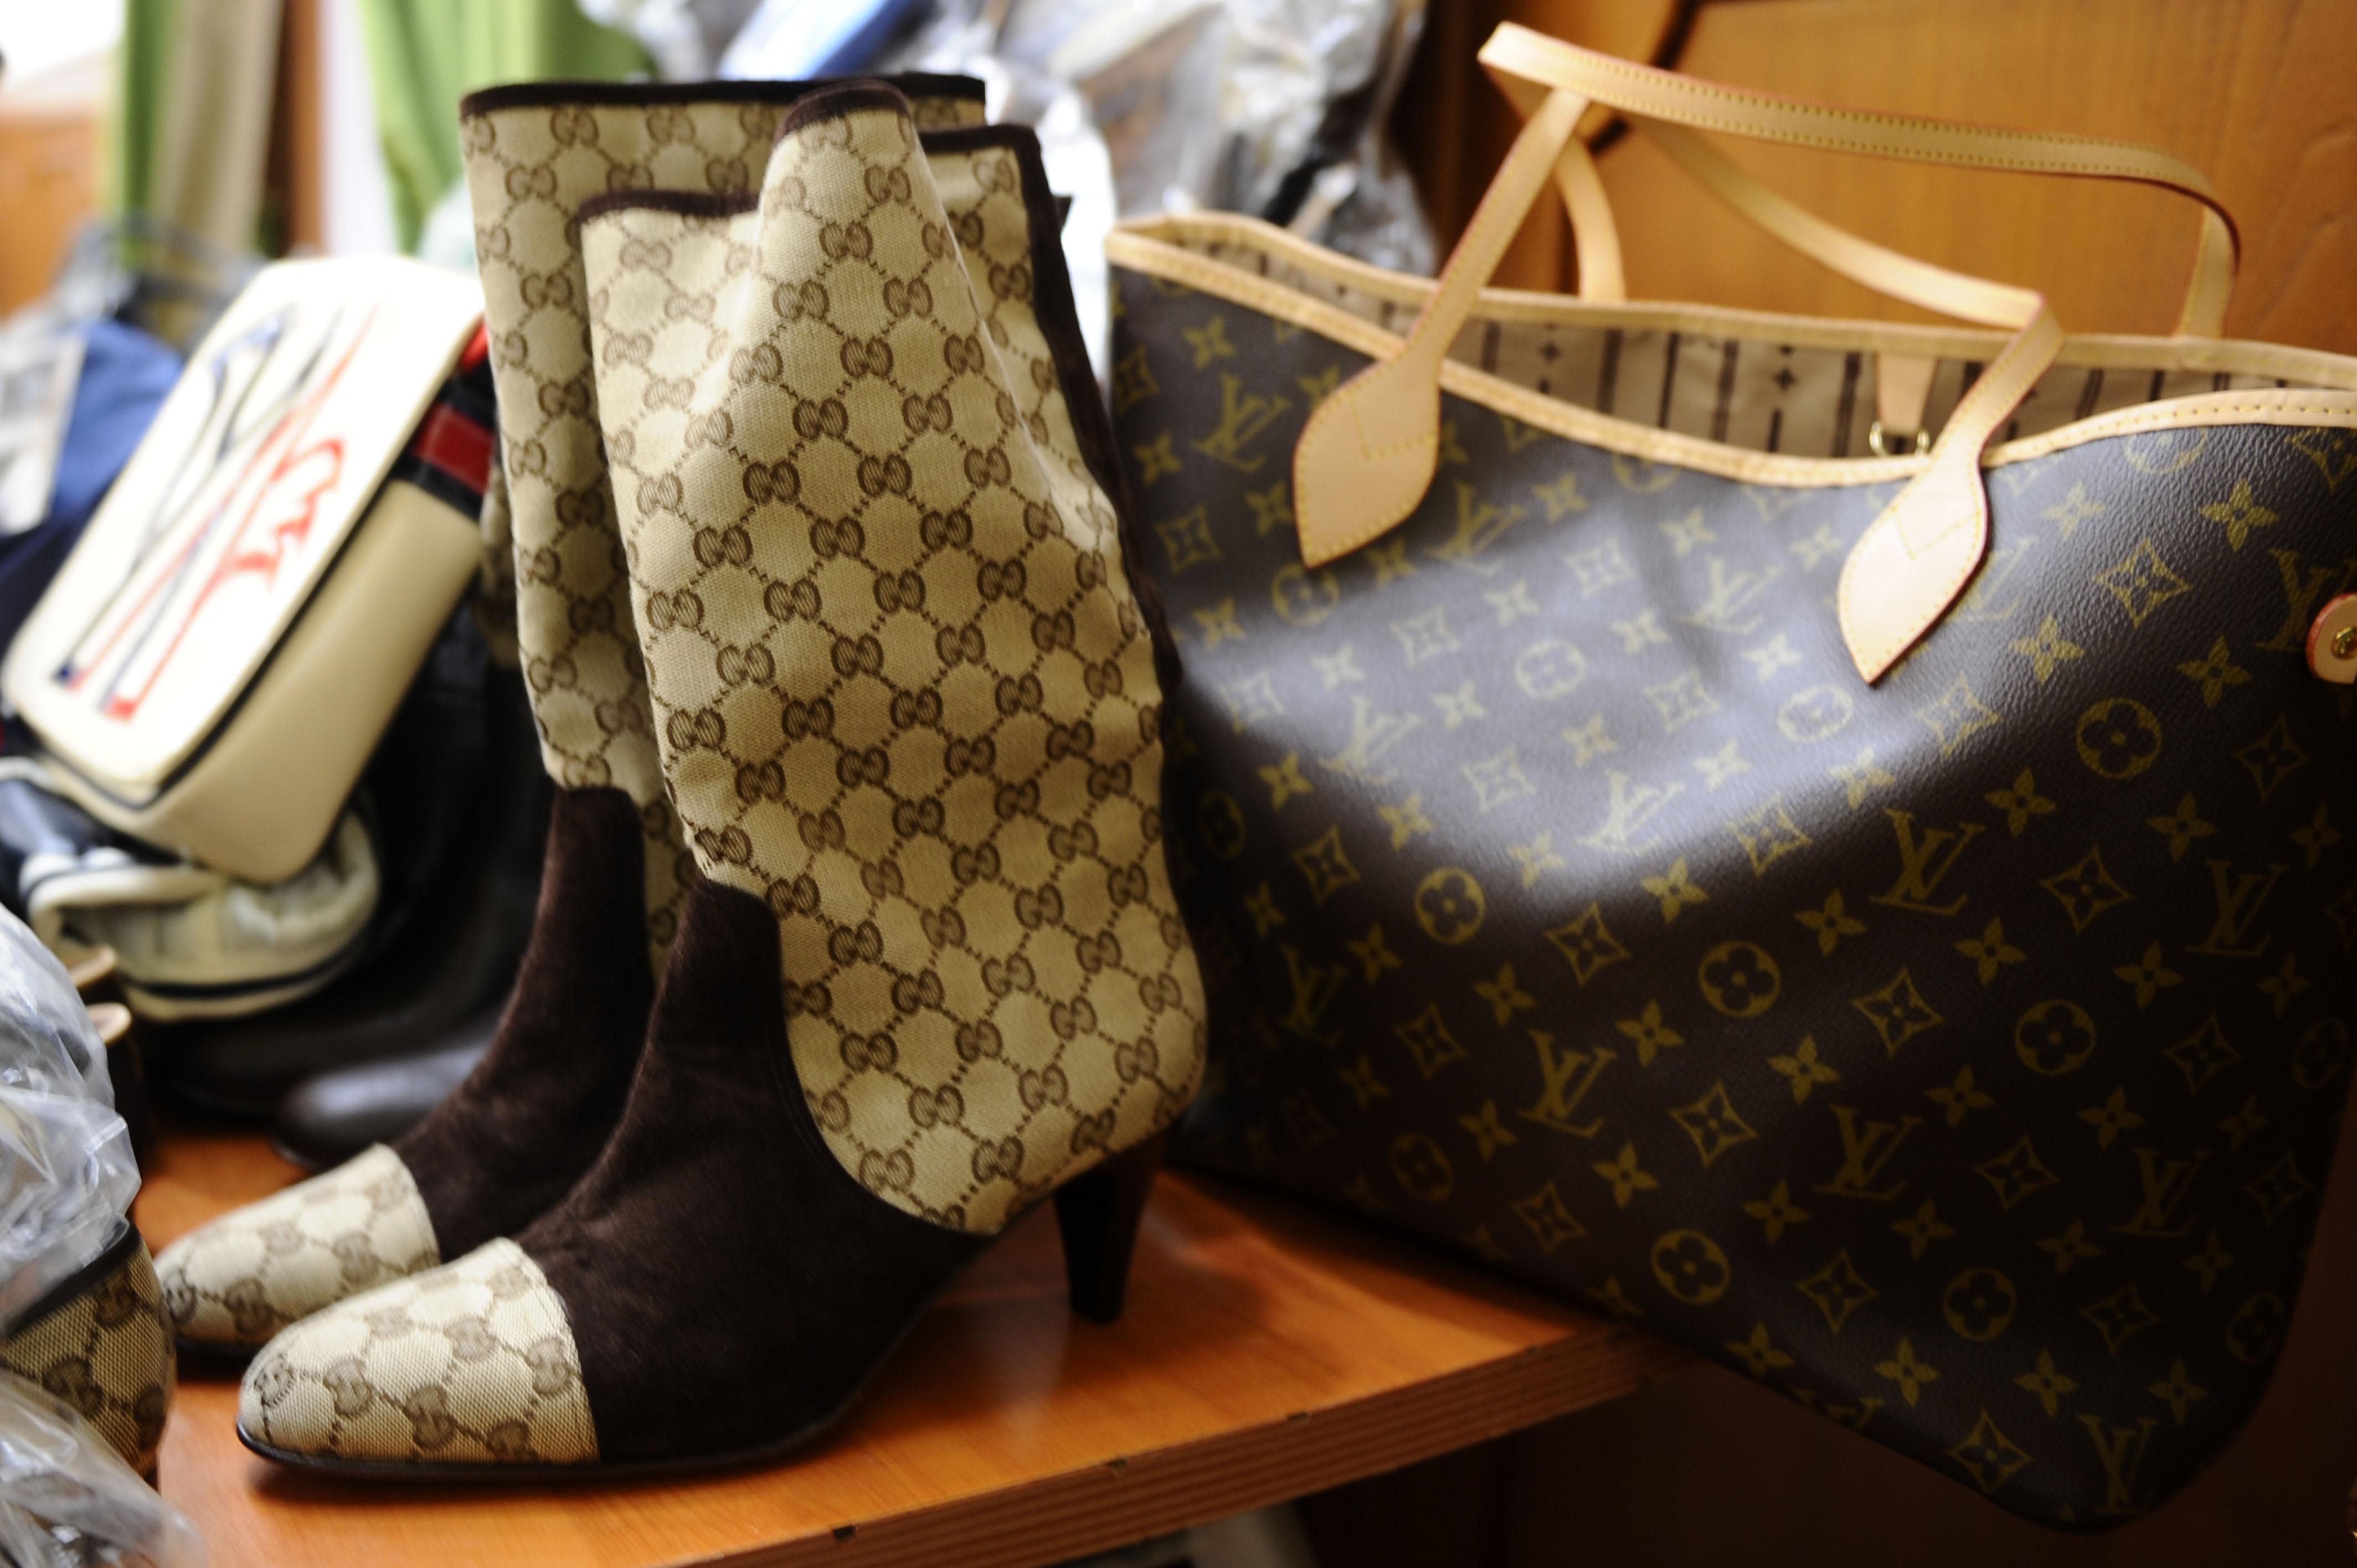 cf6cfec42436 BRINDISI - Oltre diecimila borse con marchi contraffatti di Gucci e Louis  Vuitton sono state sequestrate dalla Guardia di finanza al porto di  Brindisi.